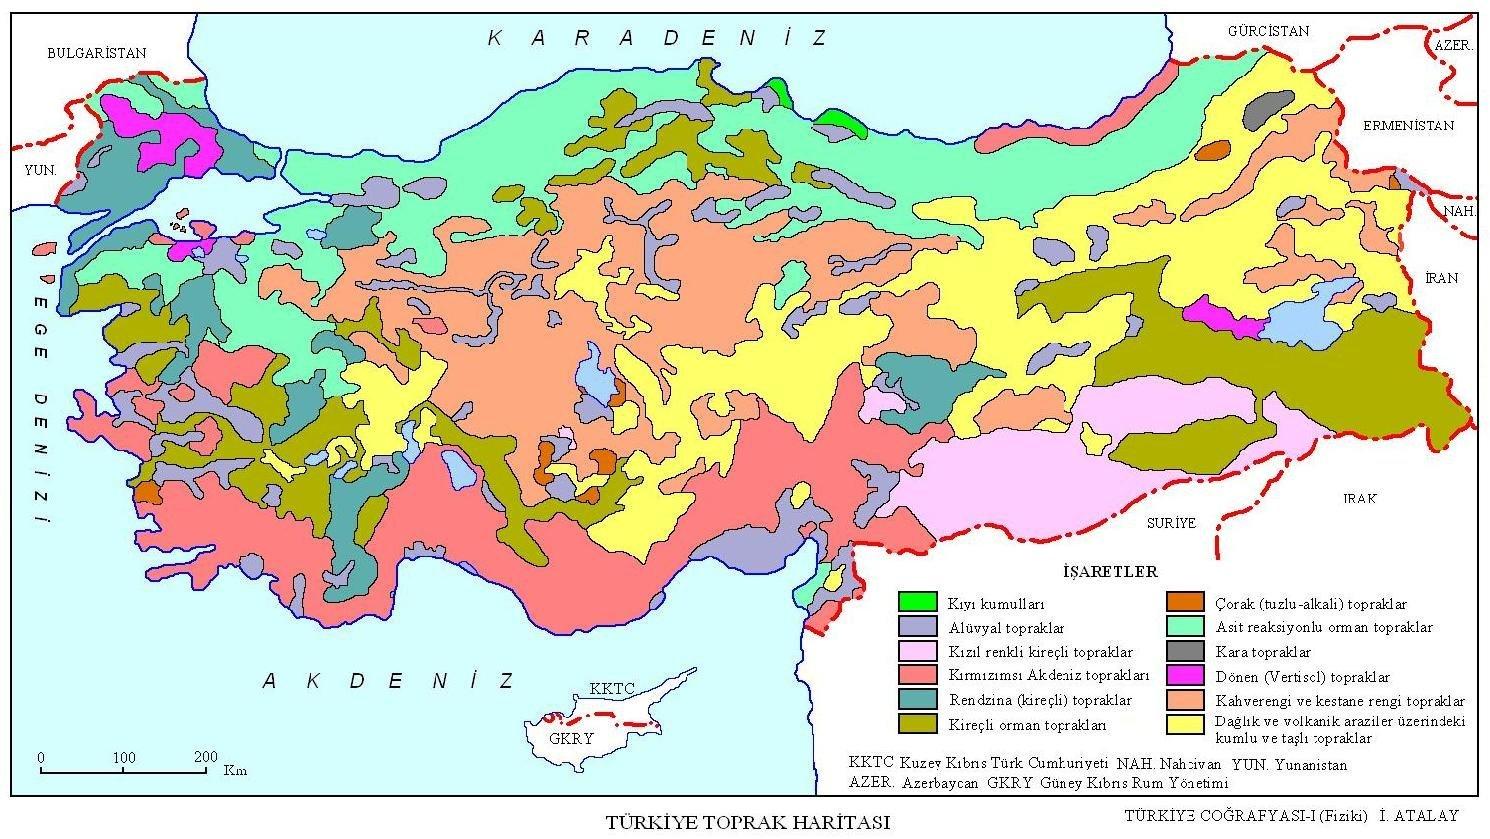 turkiye toprak tipleri haritasi